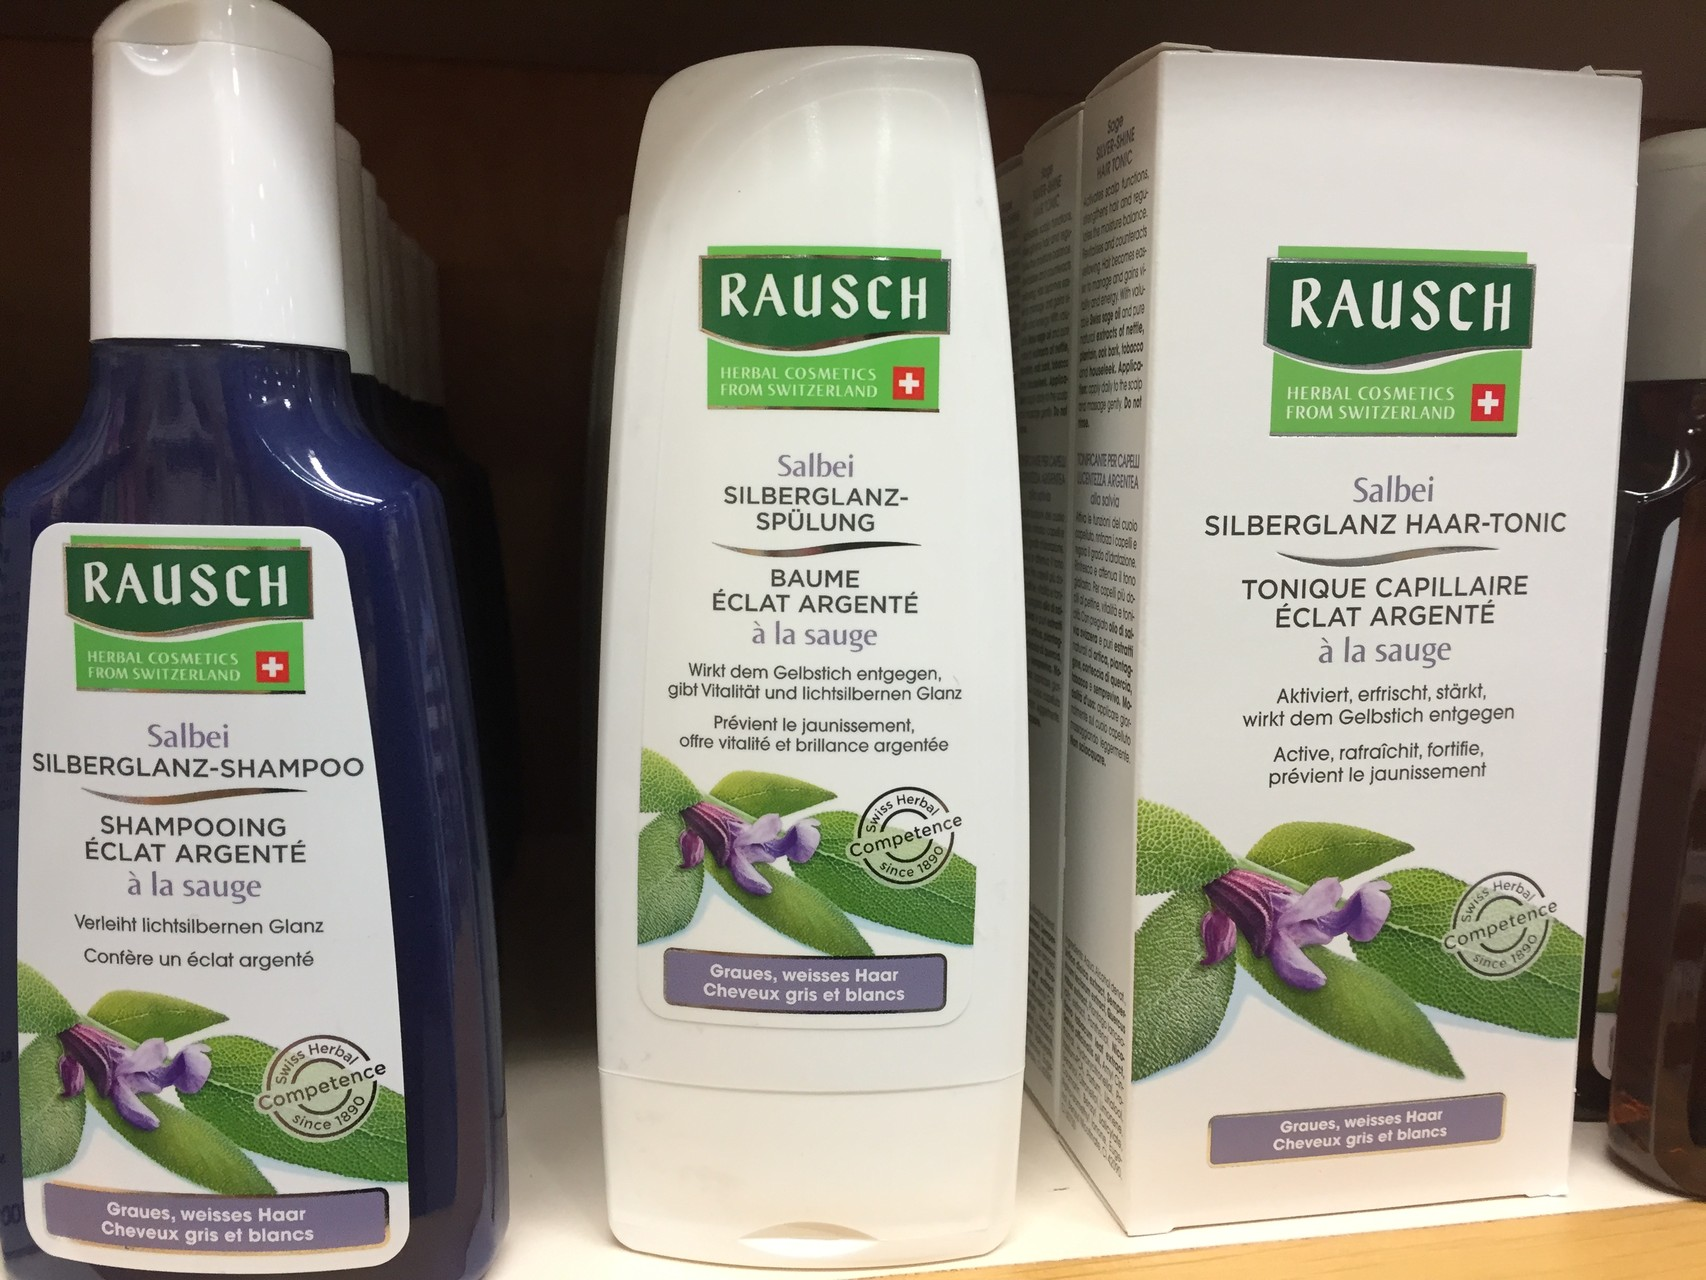 ... bei grauem und weissem Haar: Salbei Silberglanz - Shampoo, Salbei Silberglanz - Spülung, Salbei Silberglanz Haar - Tonic.